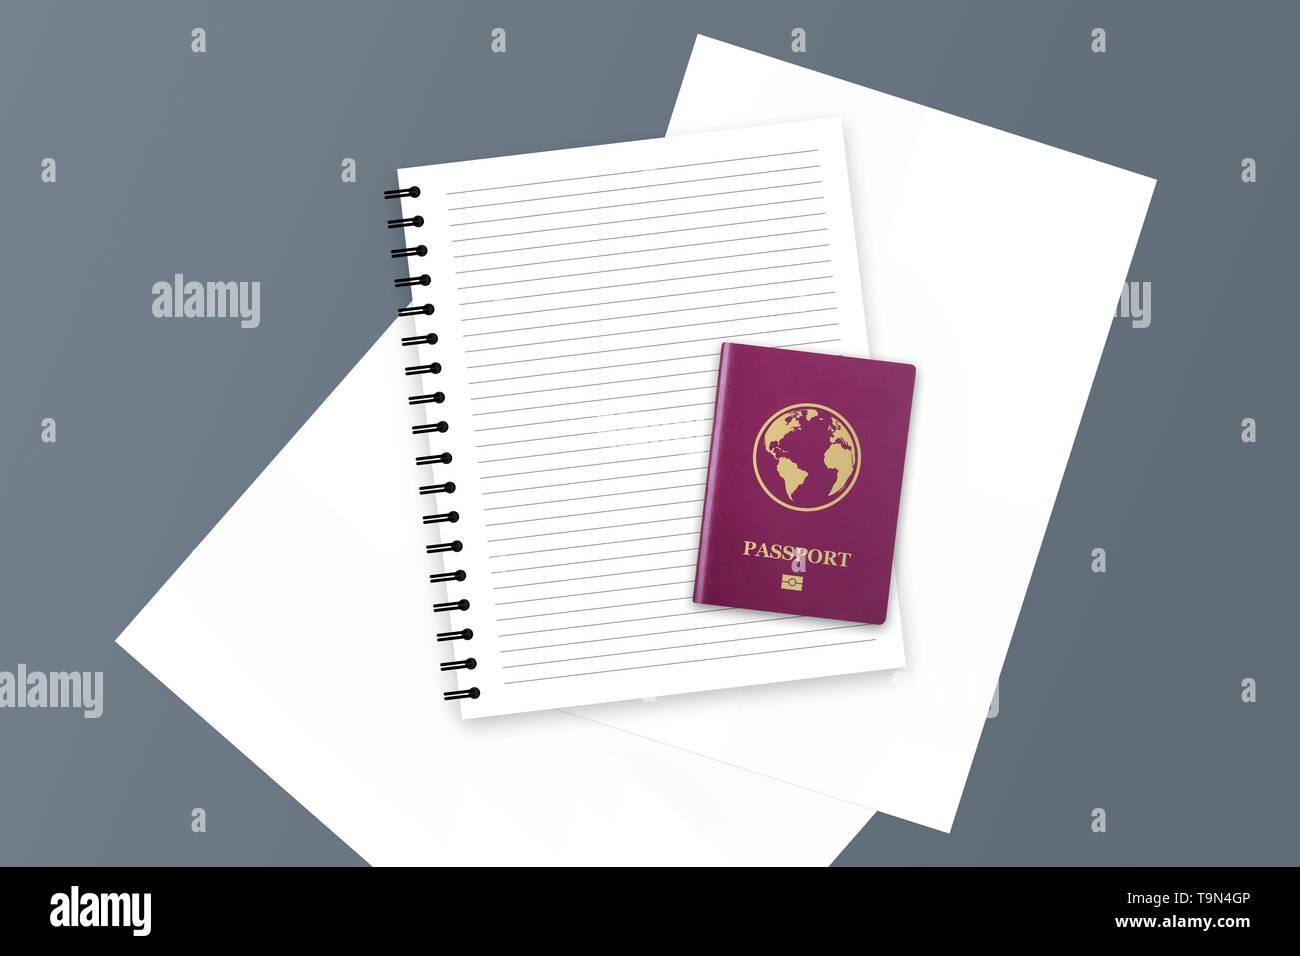 Ilustración 3D de color rojo de carné internacional realista y documento con copia espacio en blanco y el portátil. Imagen De Stock